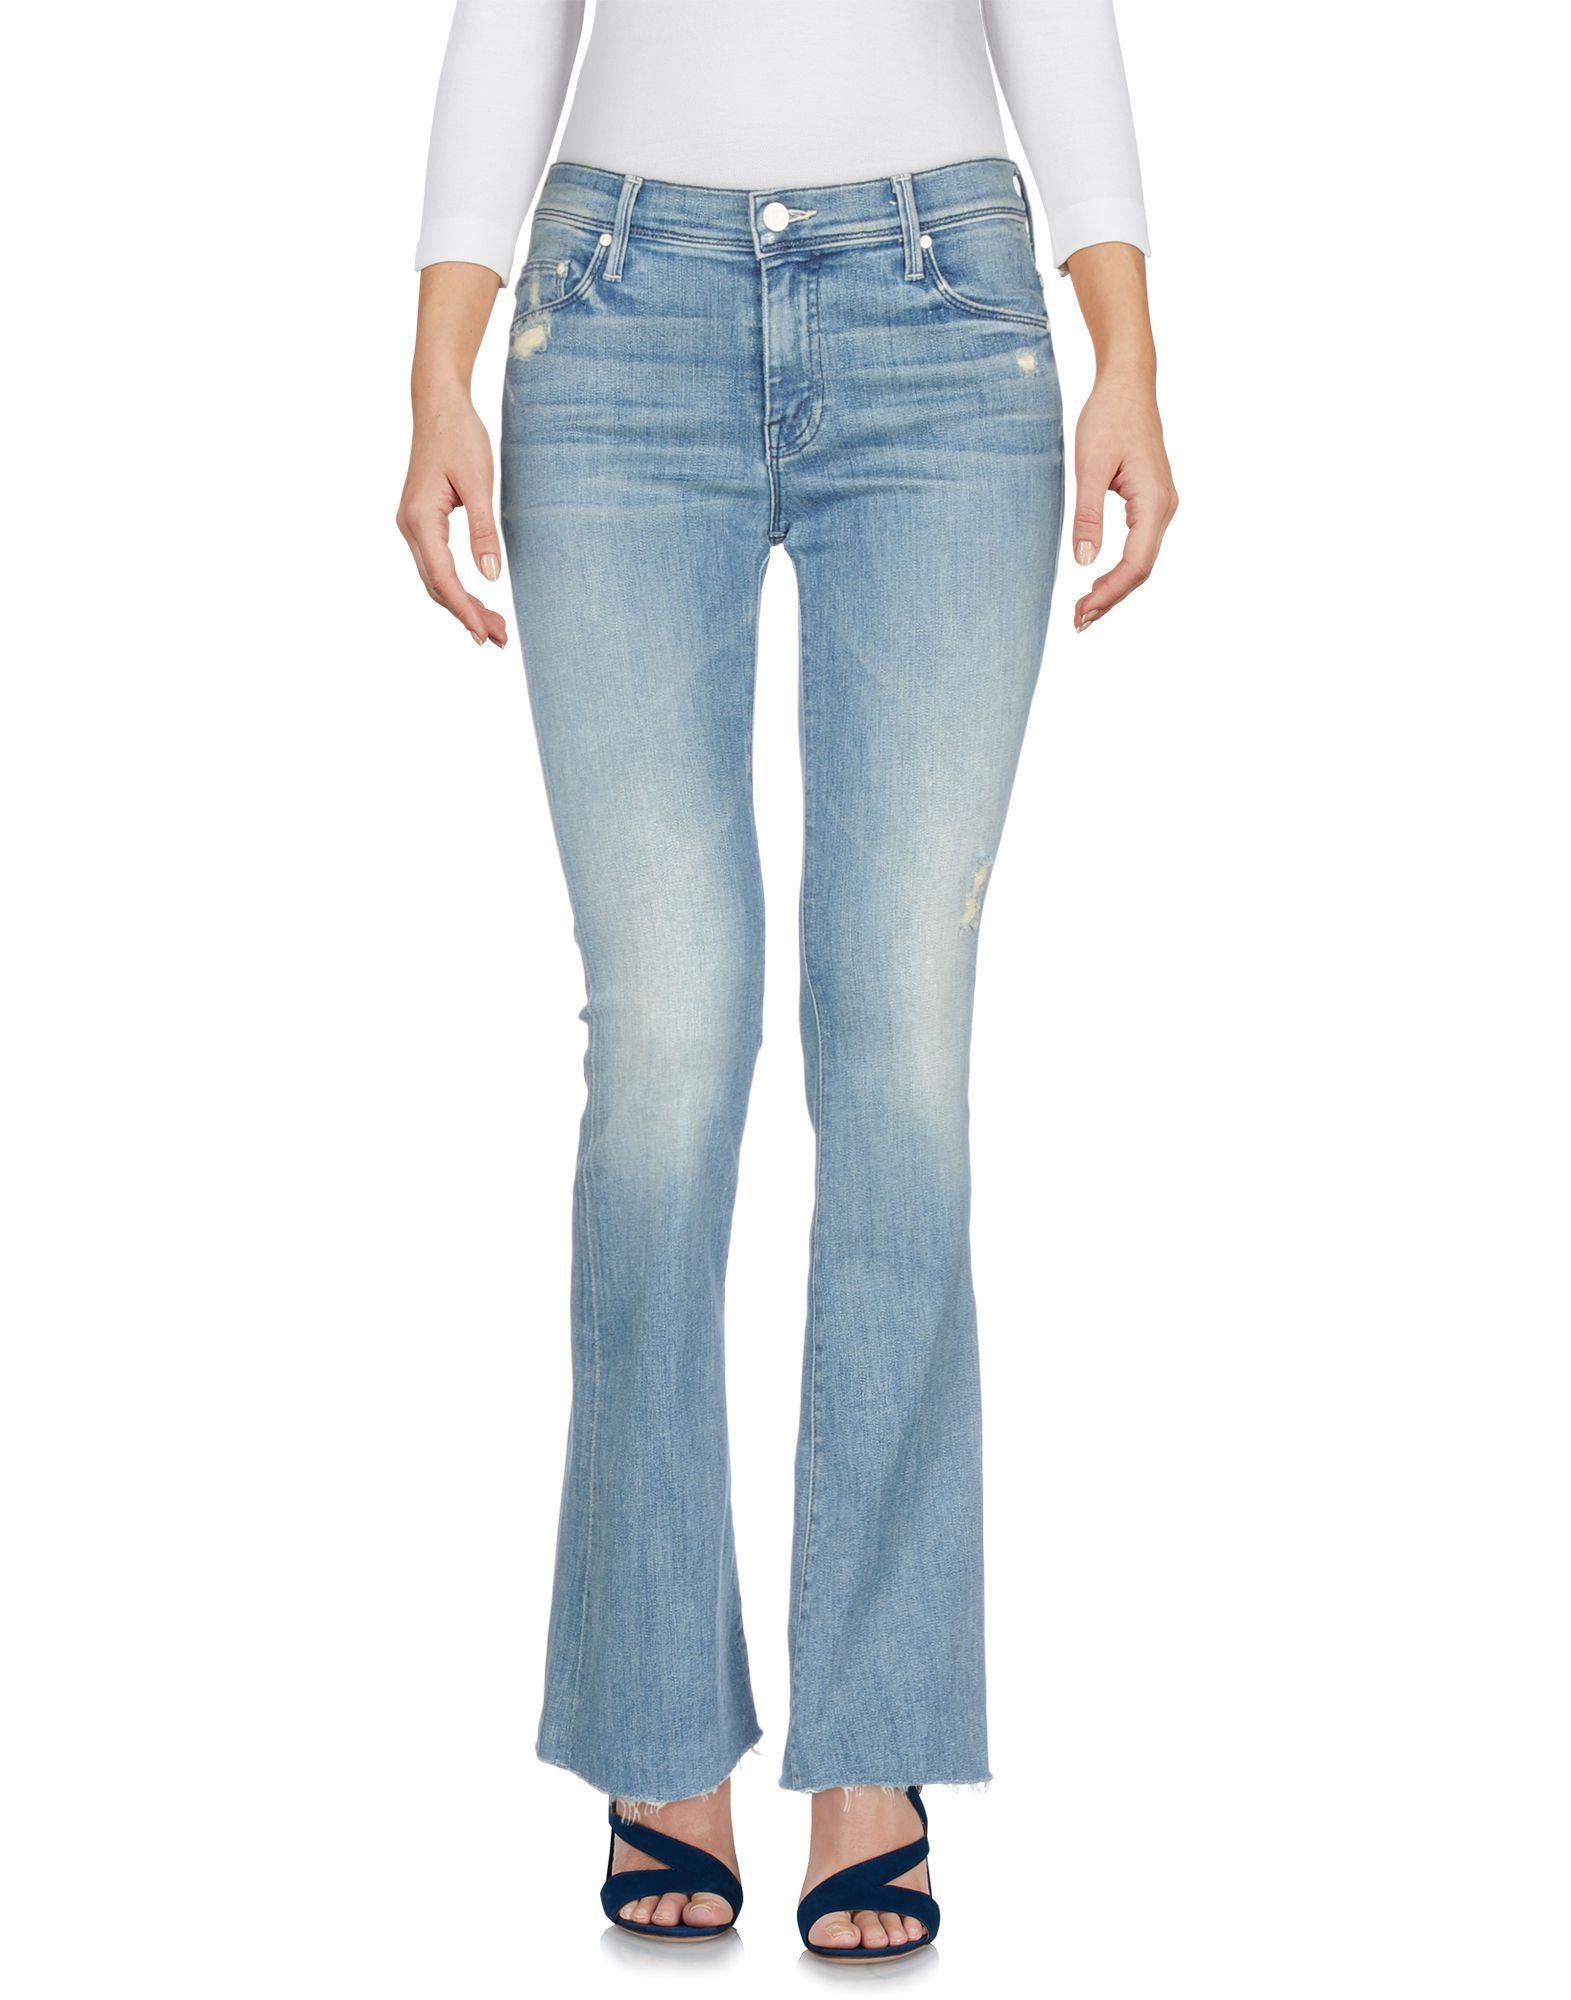 Pantaloni Jeans Mother Donna - Acquista online su wPrM5oRR